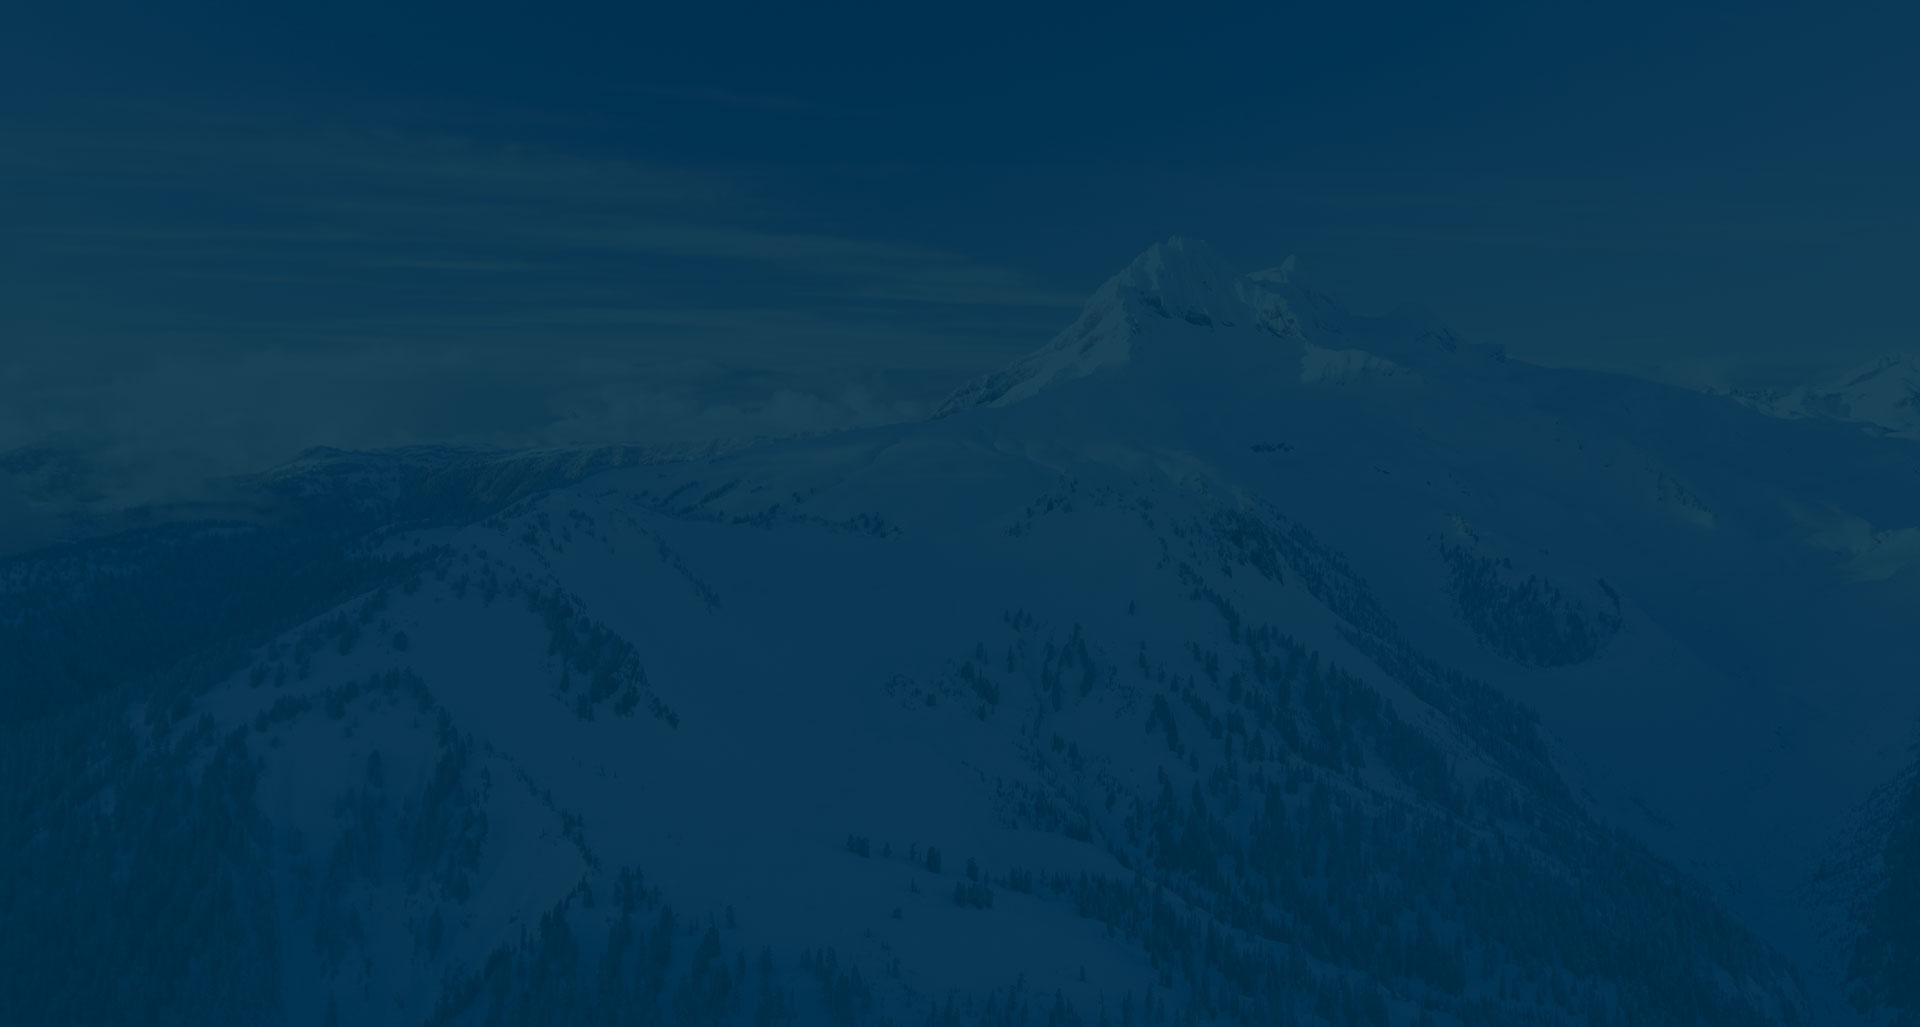 Alpen mit blauer Färbung